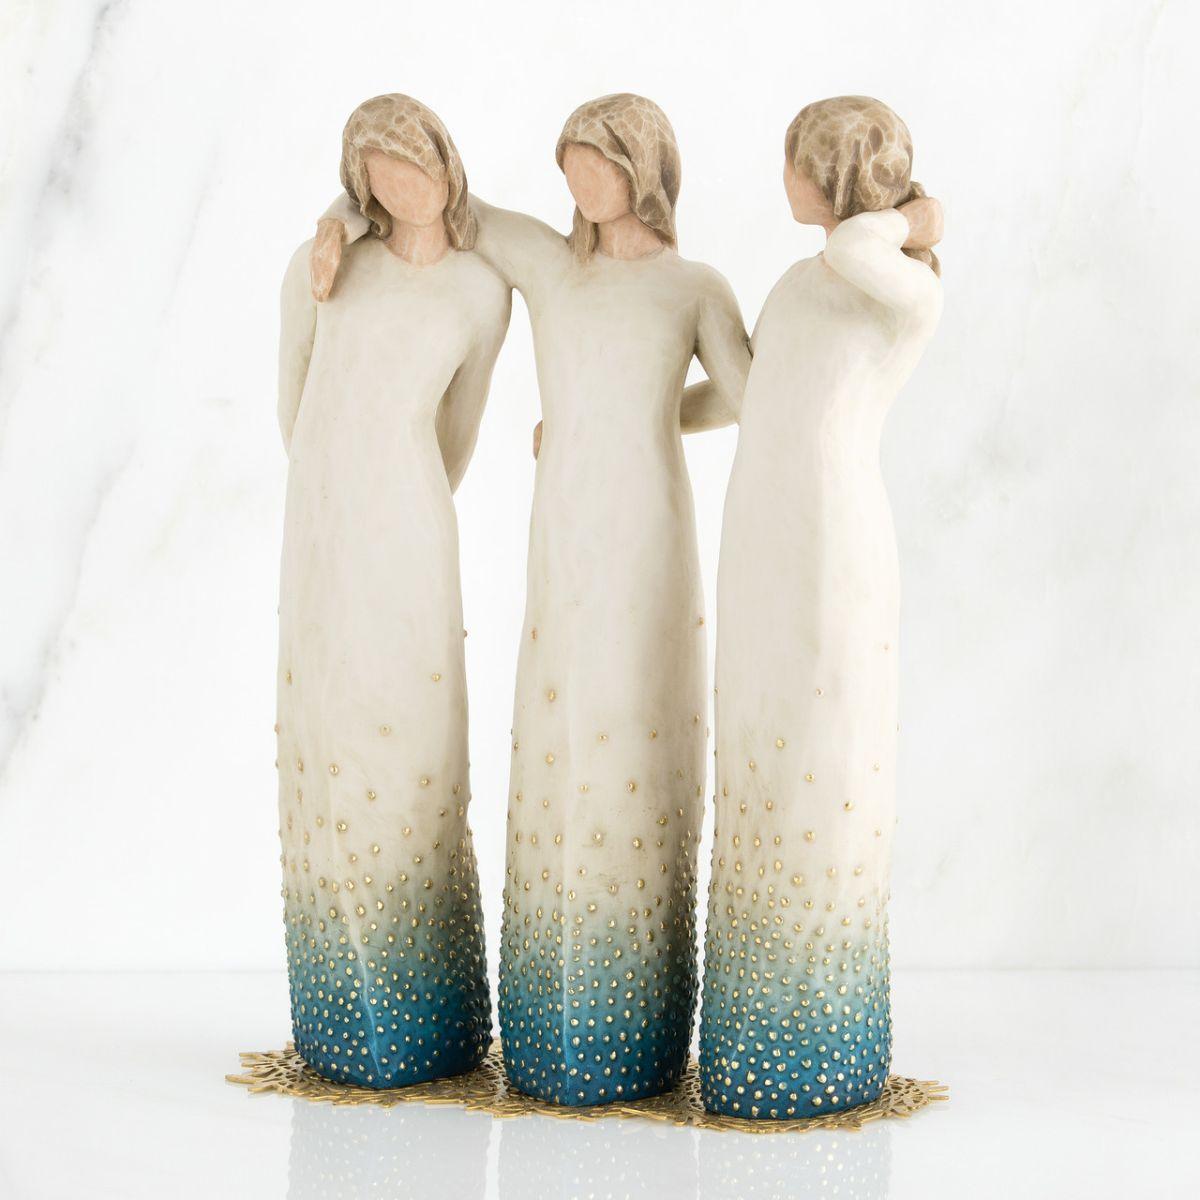 スーパーSALE クリスマス プレゼント ウィローツリー彫像 私のとなりで | 女友達 おしゃれな置物 大人向け フィギュア 人形 インテリア雑貨 Willow Tree By my side 正規輸入品